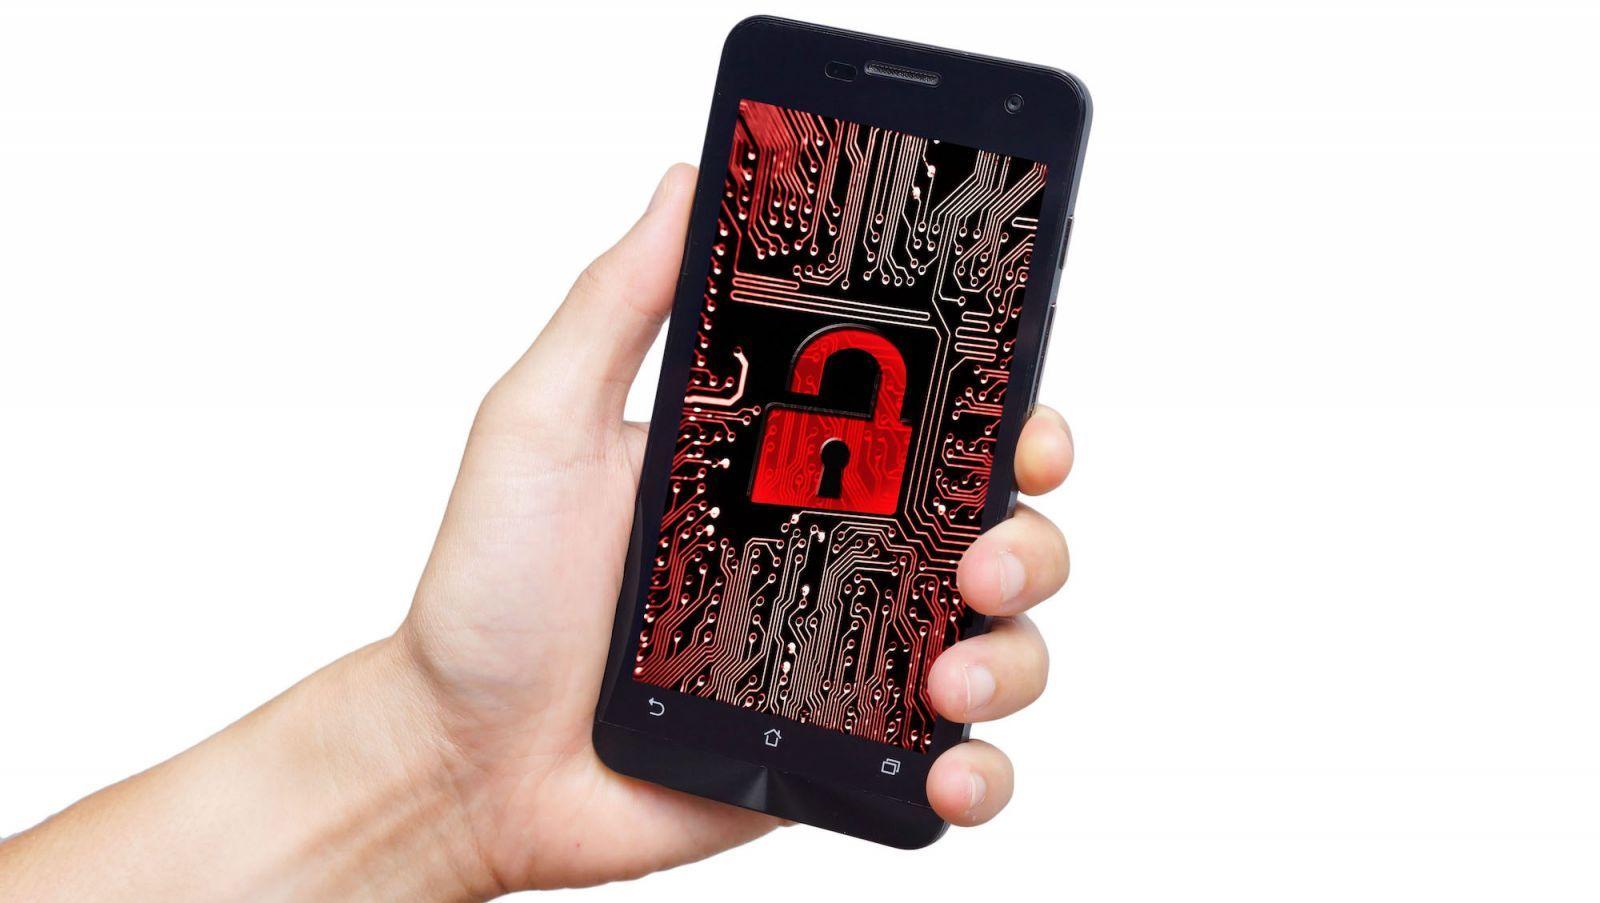 Cep Telefonunuzdan Bu Uygulamaları Hemen Silin!